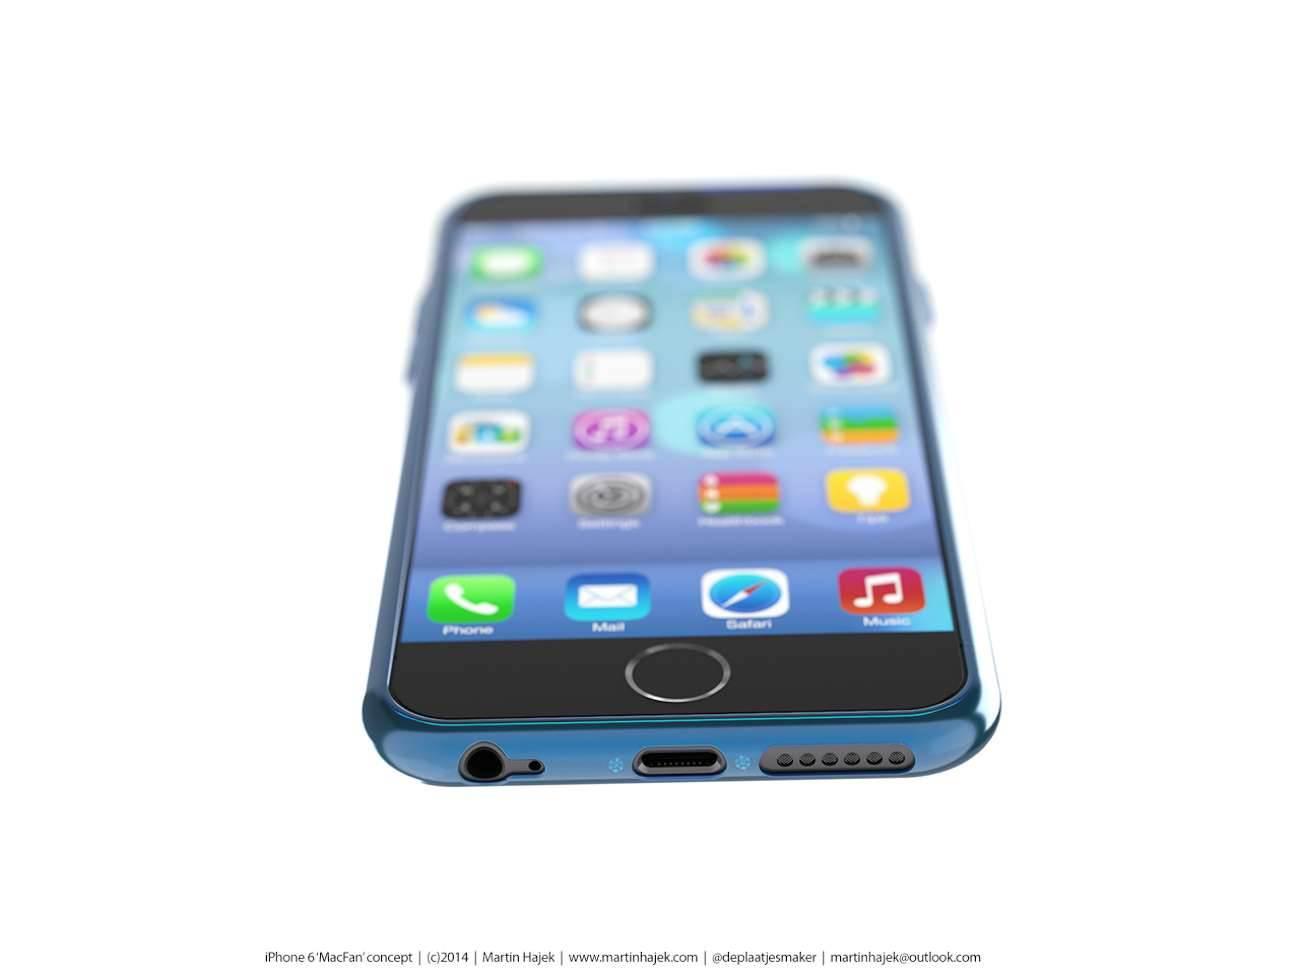 iPhone 6 i bardzo interesujący koncept Martina Hajek'a ciekawostki Zdjęcia iPhone 6, Wizja, Nowy iPhone 6, koncept, jak będzie wyglądał nowy iPhone 6, iPhone6, iPhone Air, iPhone 6, iPhone, Apple  Pamiętacie jak kilka dni temu umieściliśmy na stronie zdjęcia rzekomej obudowy nowego iPhone'a 6? iP70